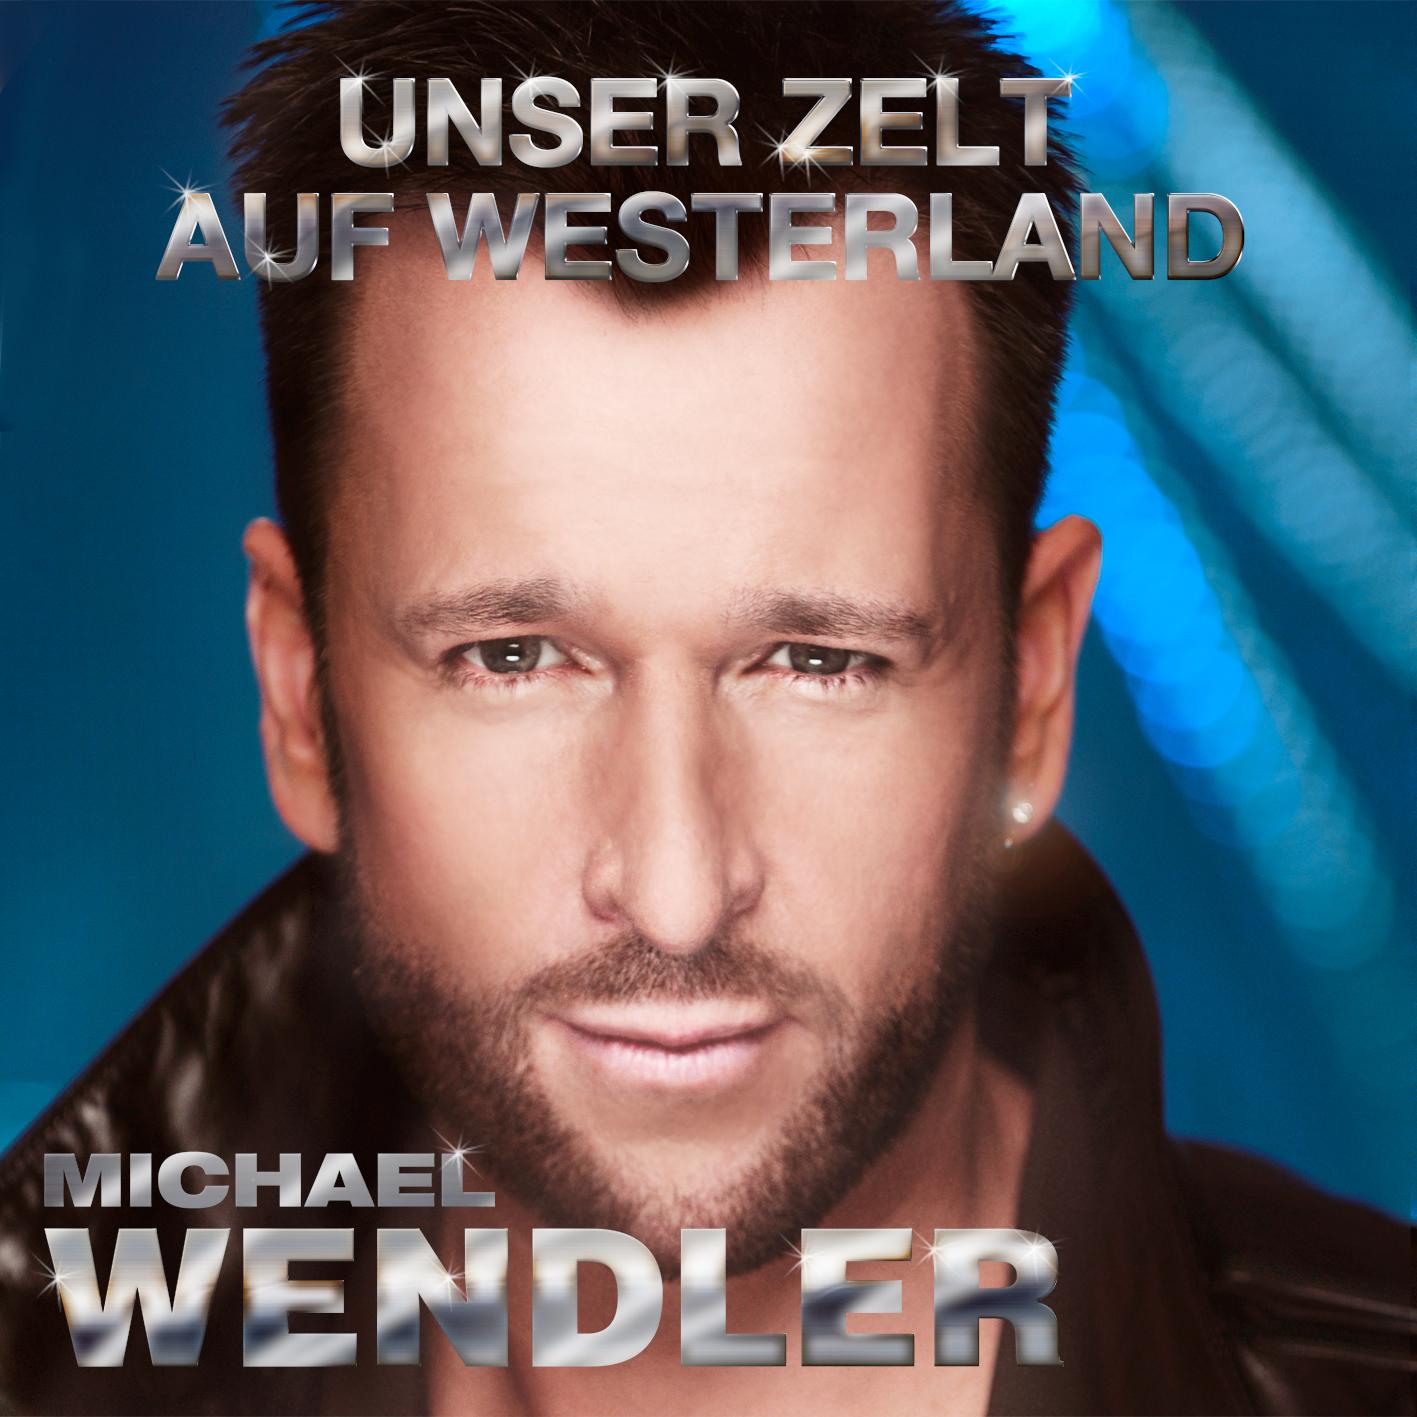 michael wendler unser zelt auf westerland